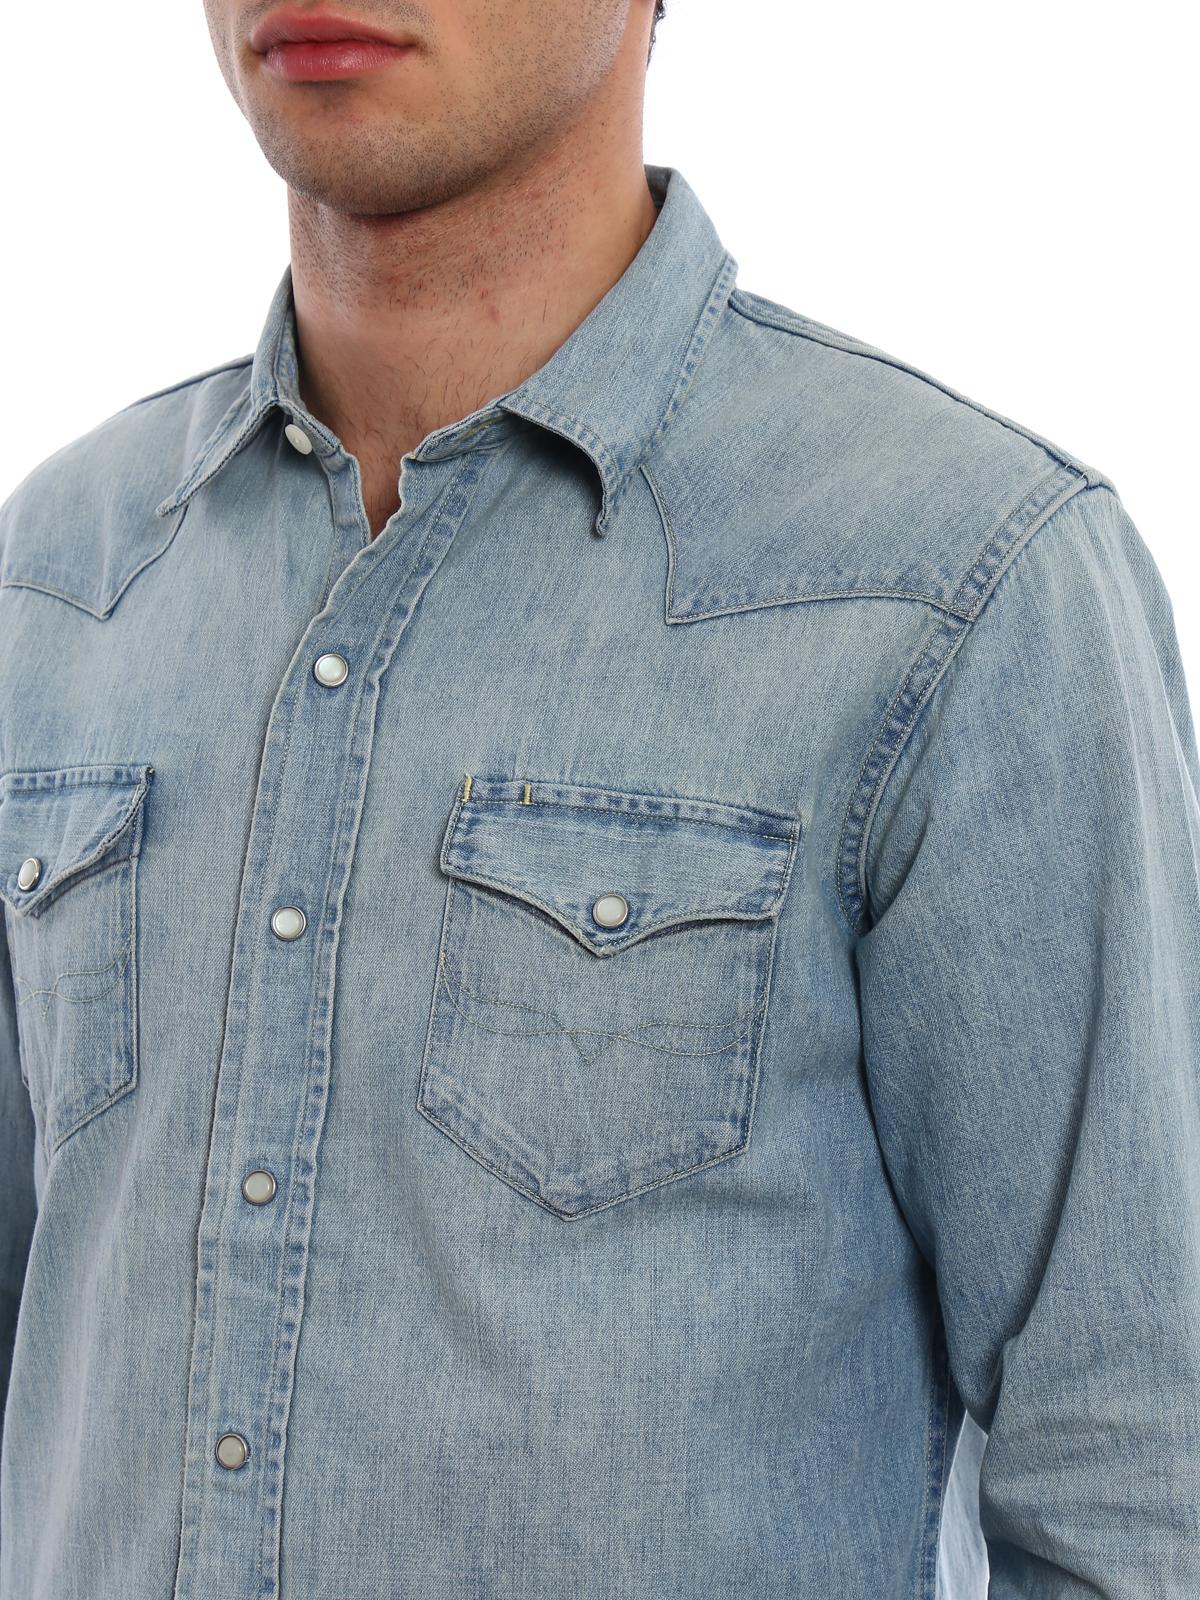 new arrival bef09 de19a Polo Ralph Lauren - Camicia di jeans classica - camicie ...